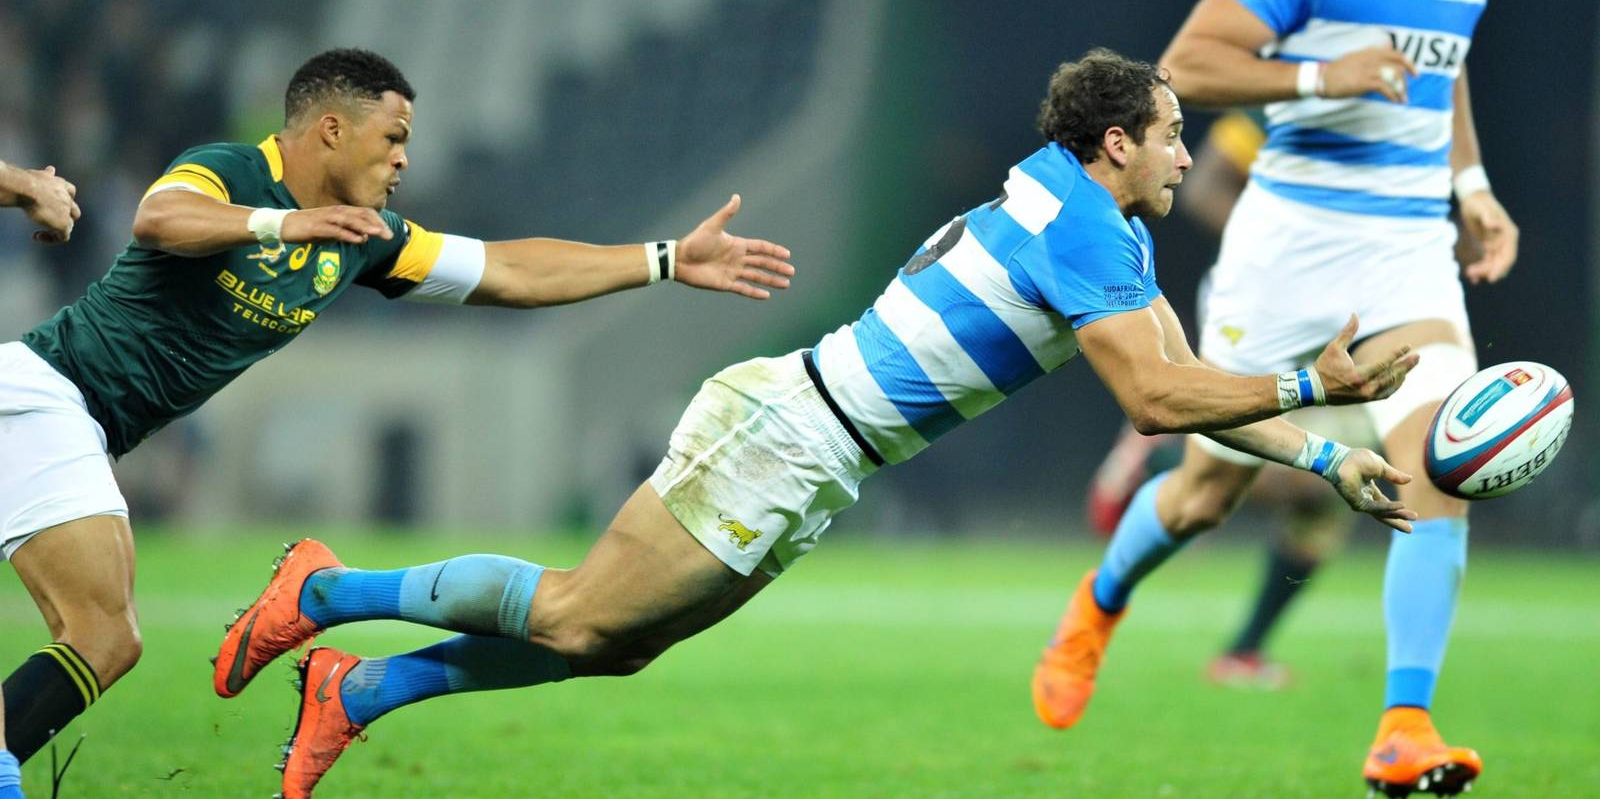 los-pumas-se-garantizan-10-anos-mas-jugar-paises-mas-imponentes-del-rugby-mundial